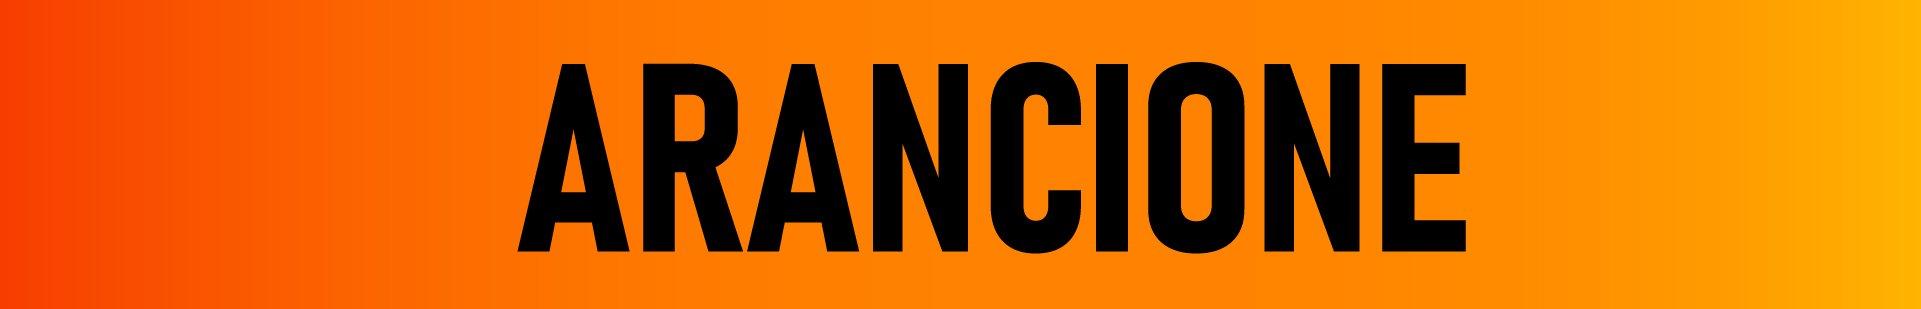 arancione colore marchio